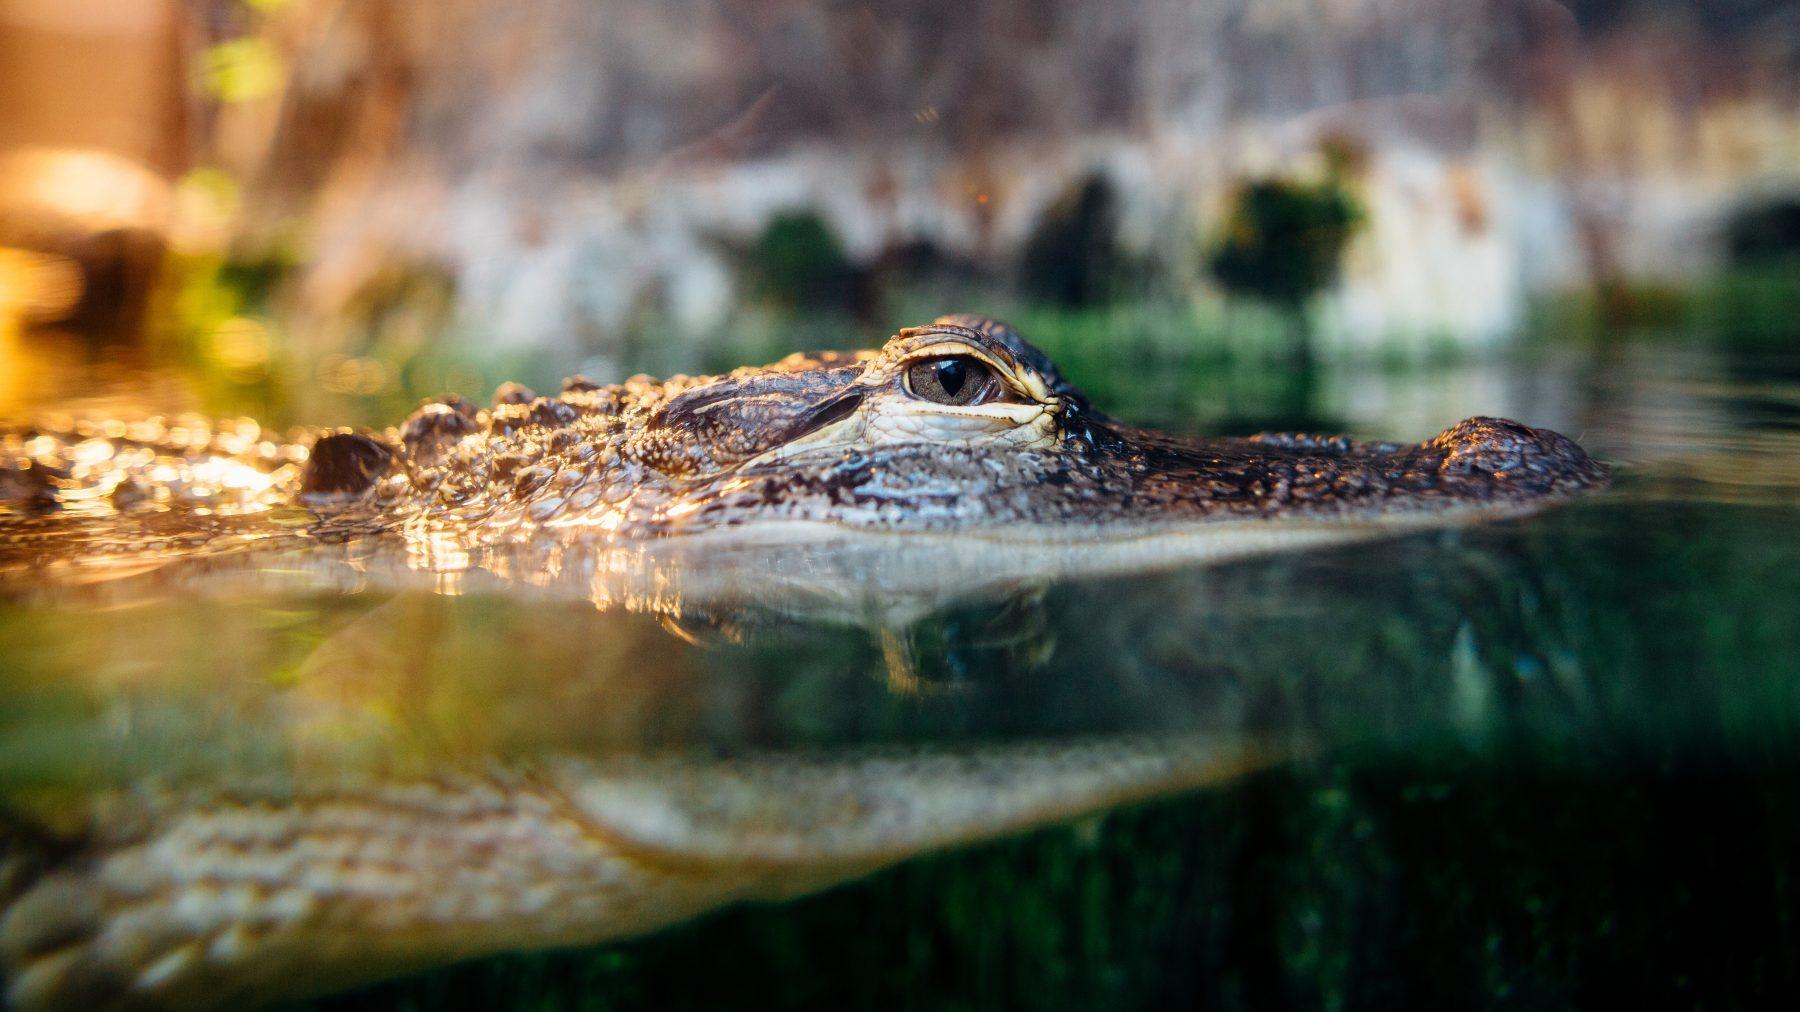 krokodil grijpt vrouw tweelingzus redt leven